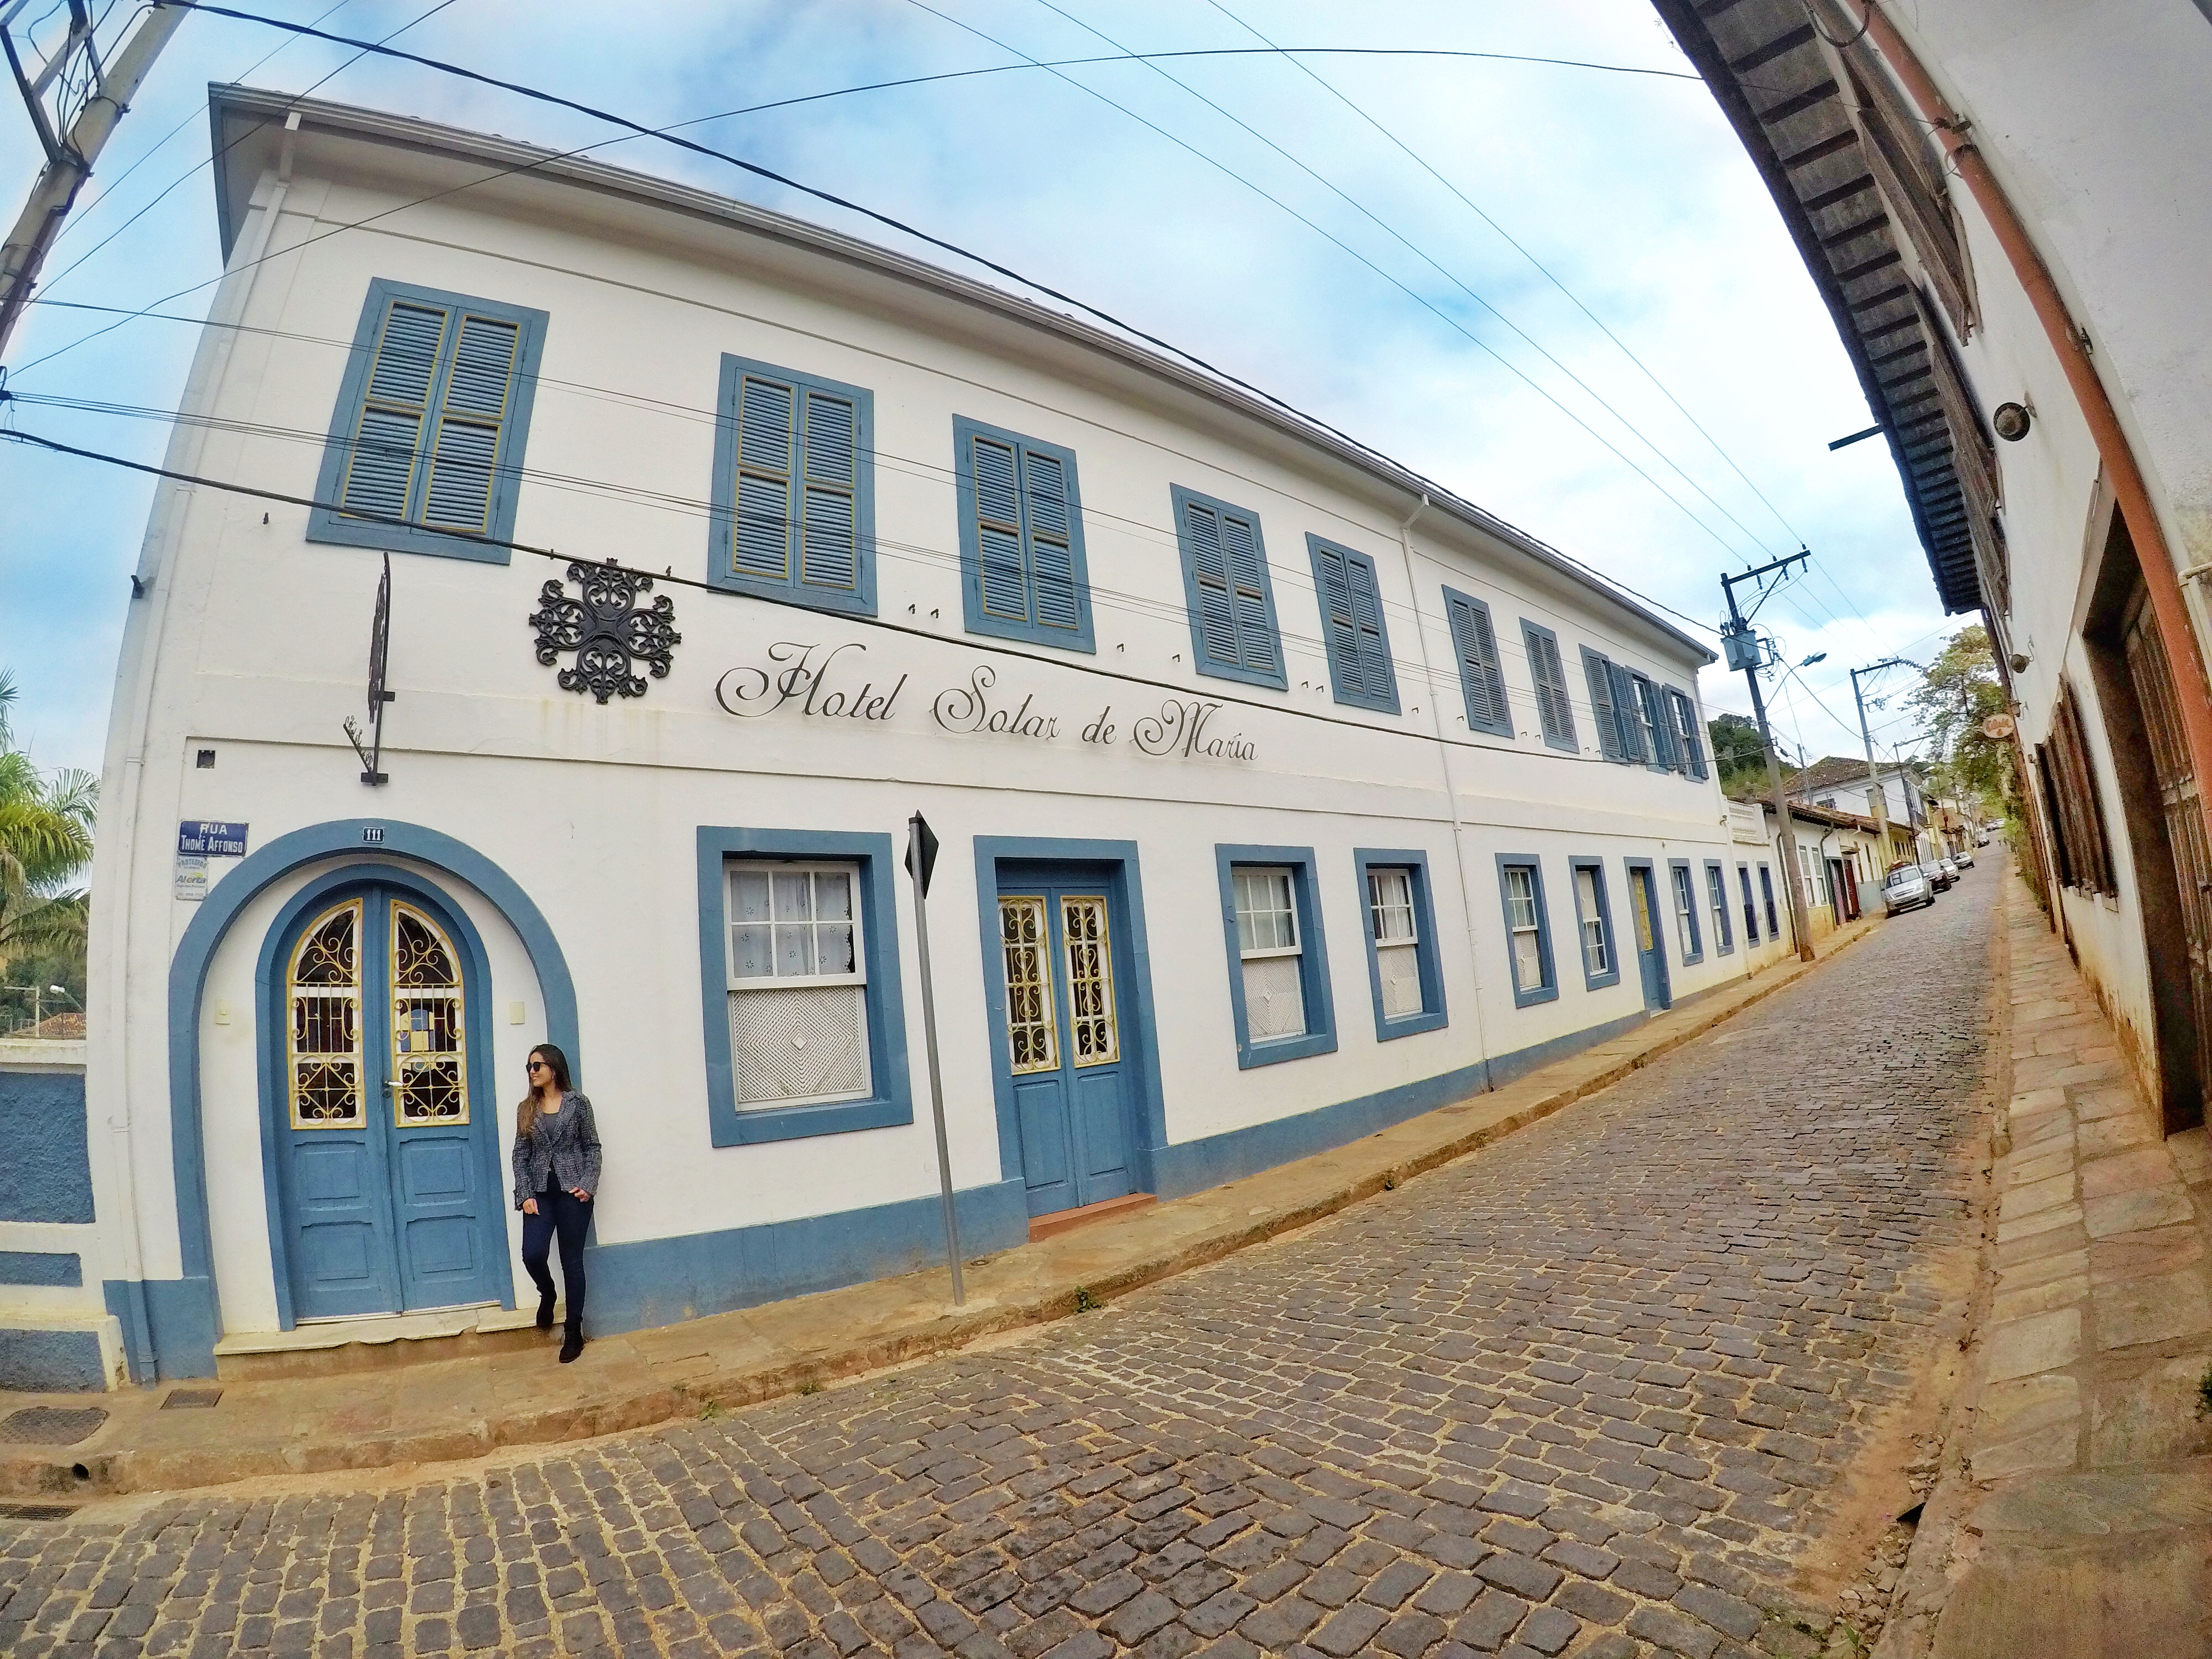 Entrada do Hotel Solar de Maria - Ouro Preto - @dicadeturista